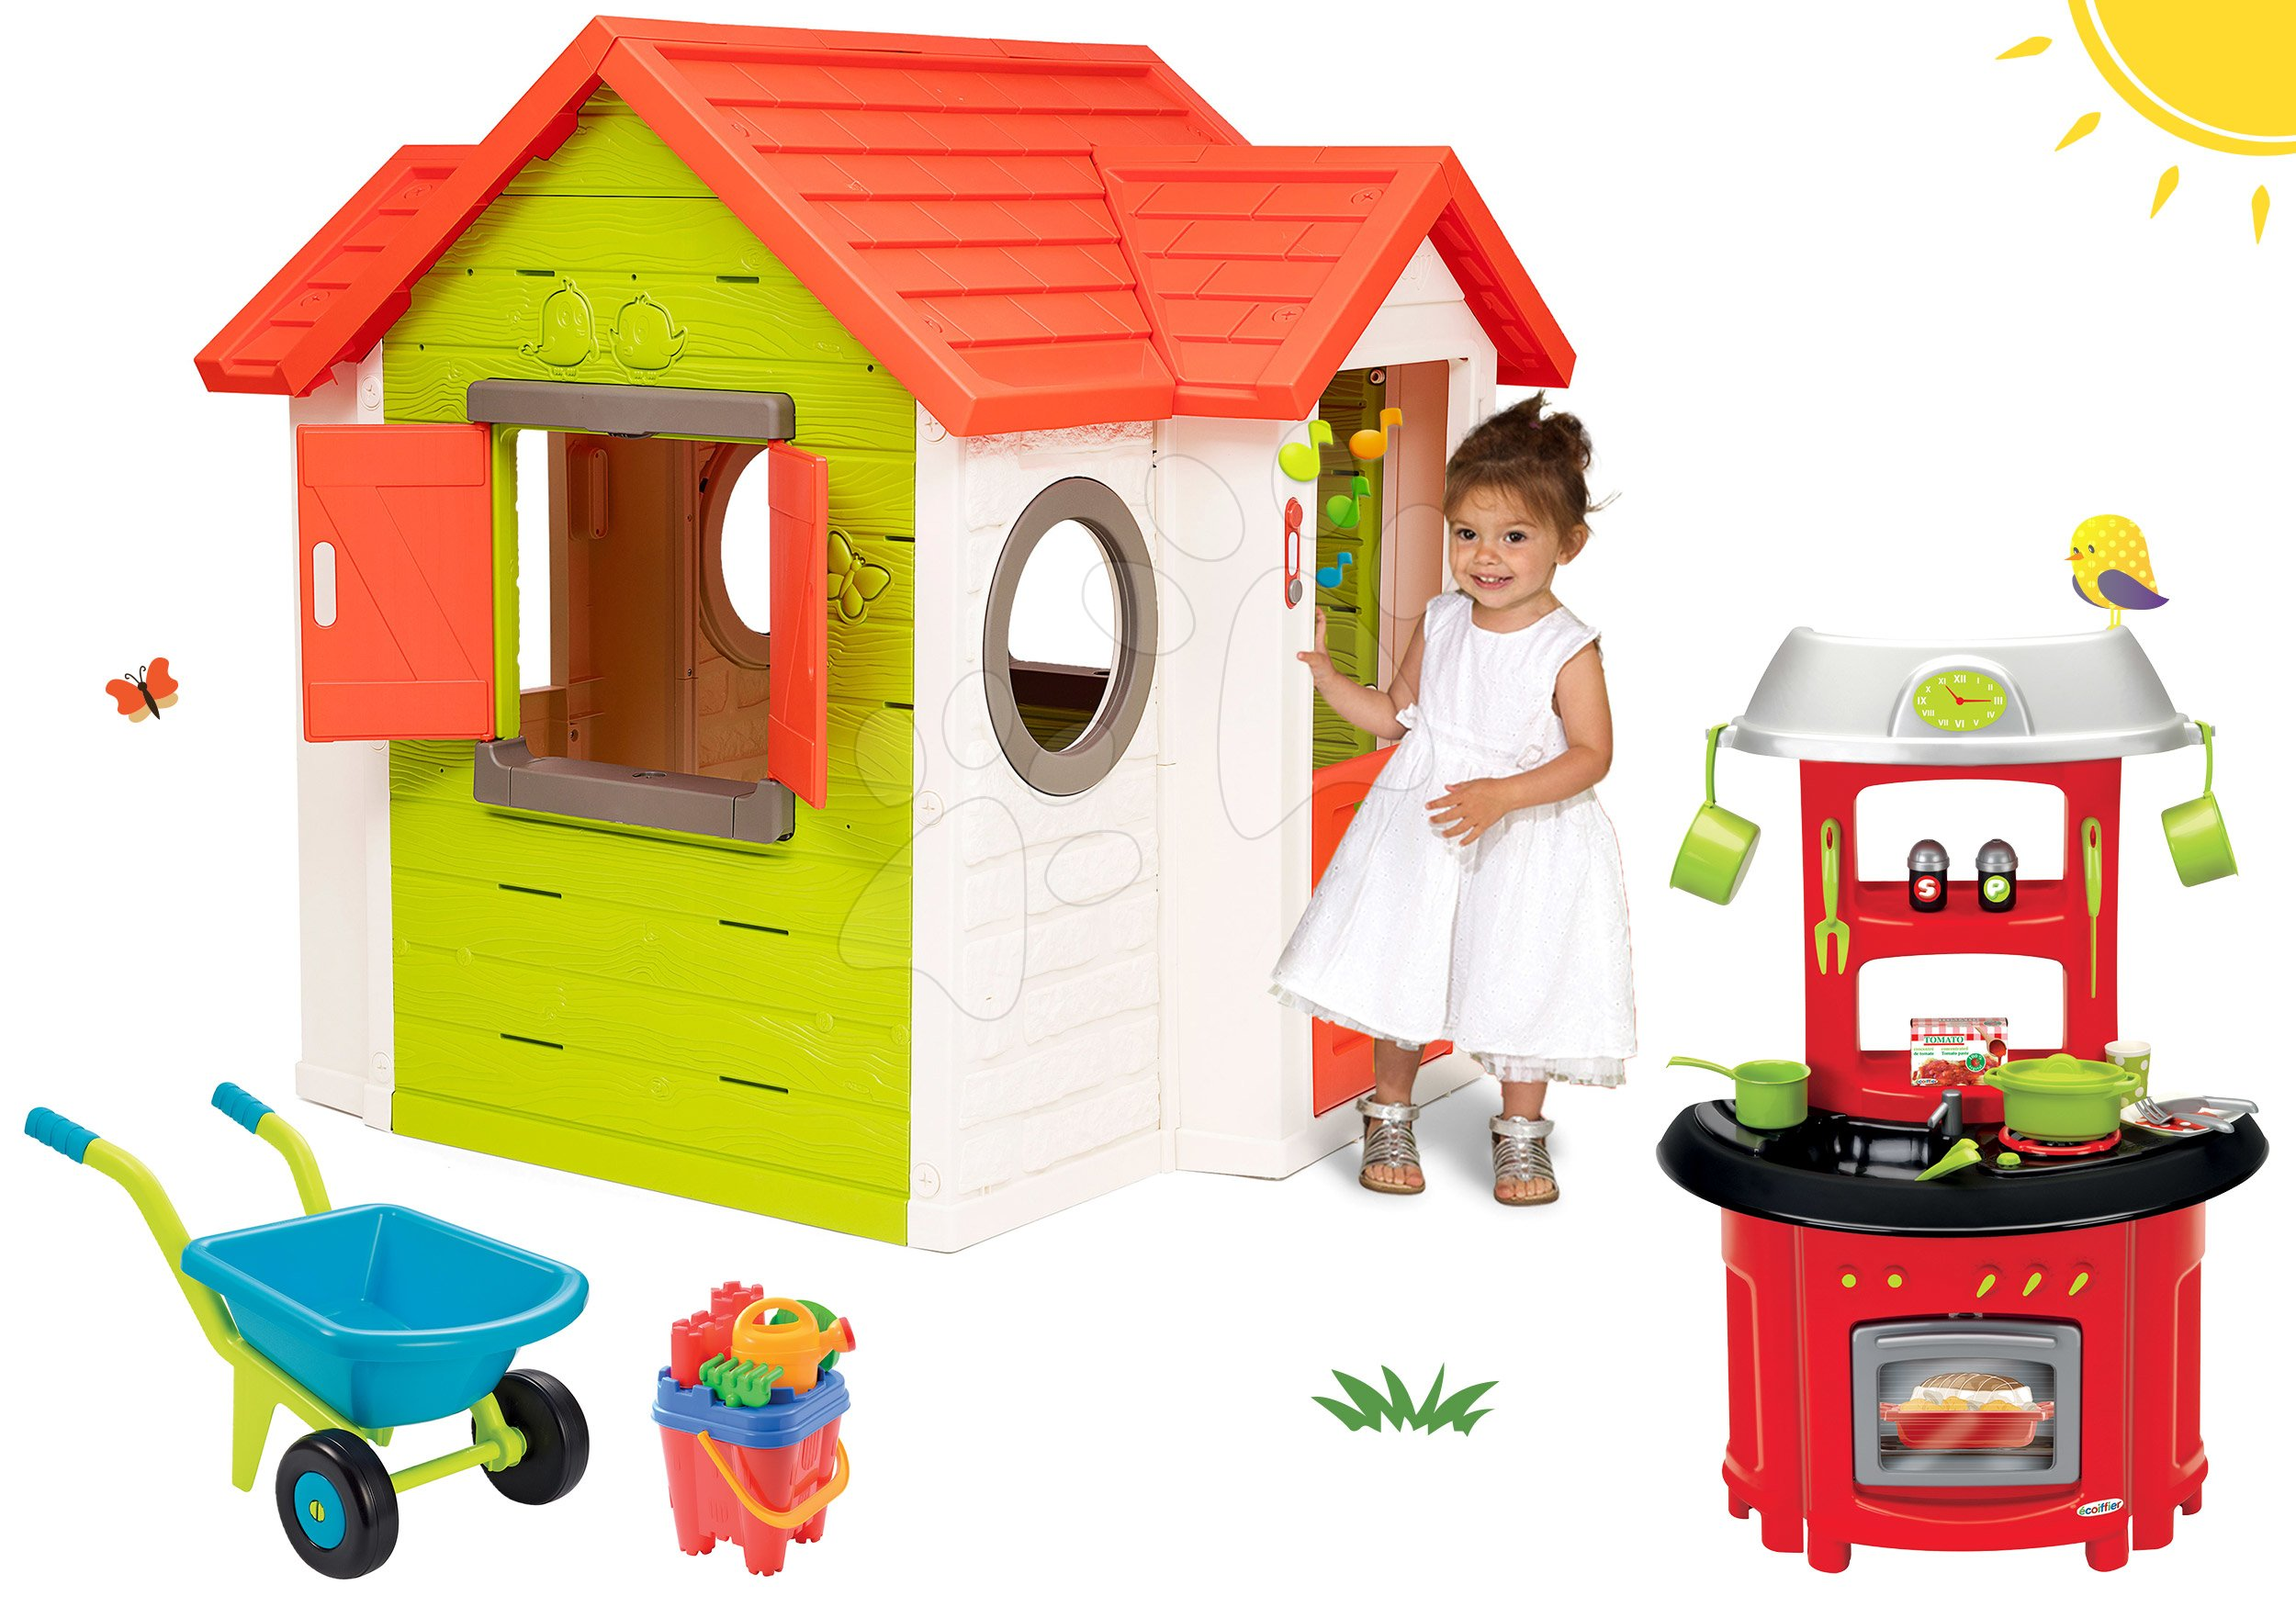 Set domeček My Neo House DeLuxe Smoby s elektronickým zvonkem, kuchyňka 100% Chef Stove a kolečko s kbelík setem od 24 měsíců